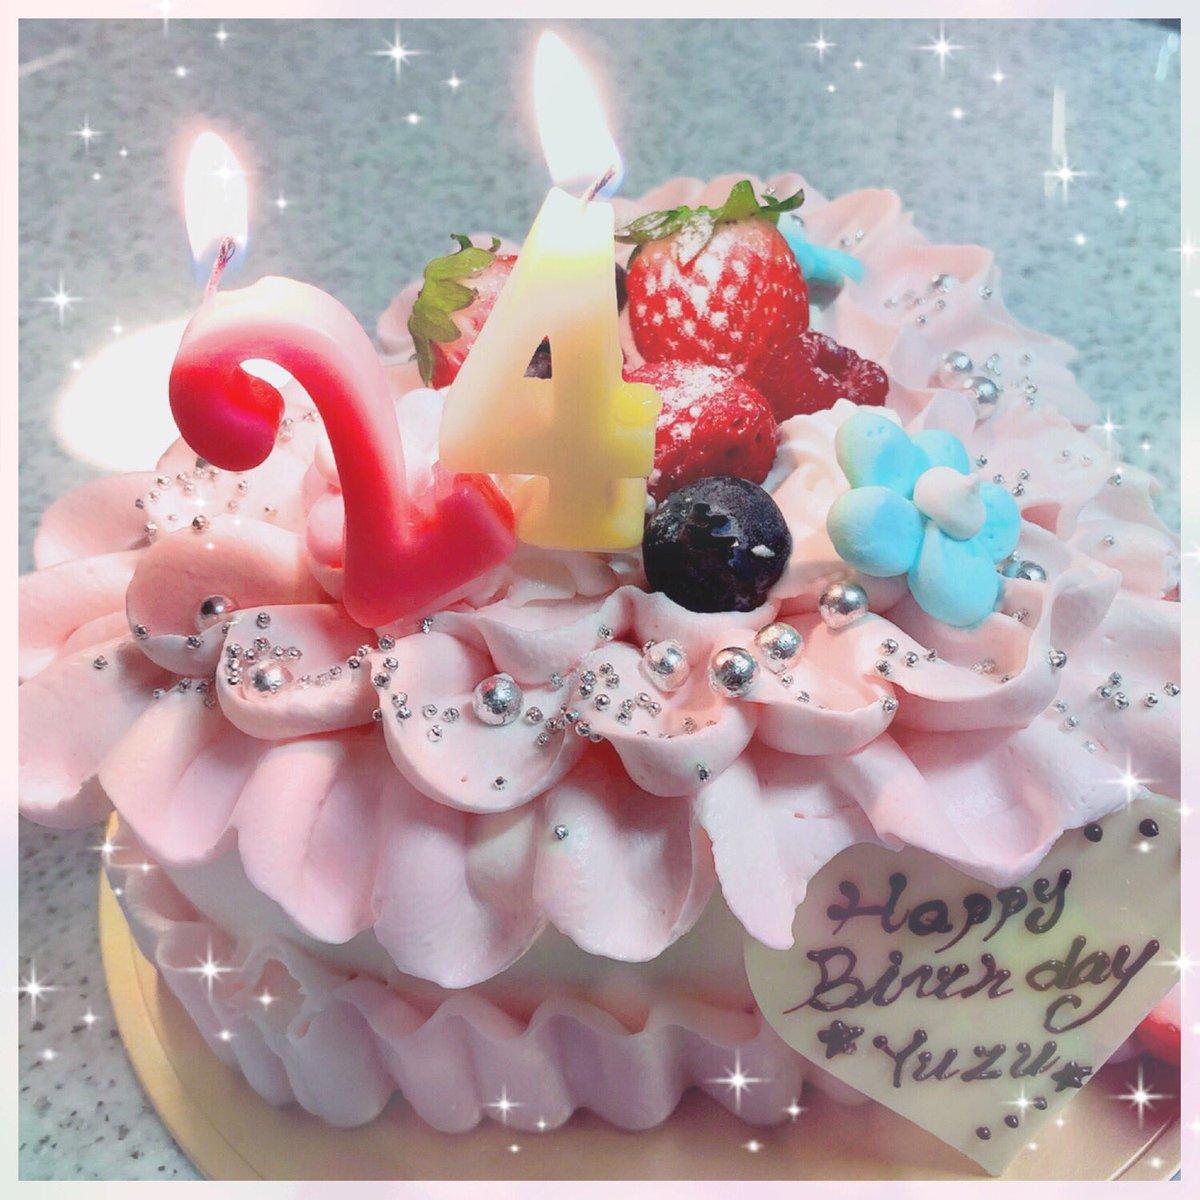 あや's photo on #happybirthdayyuzuru